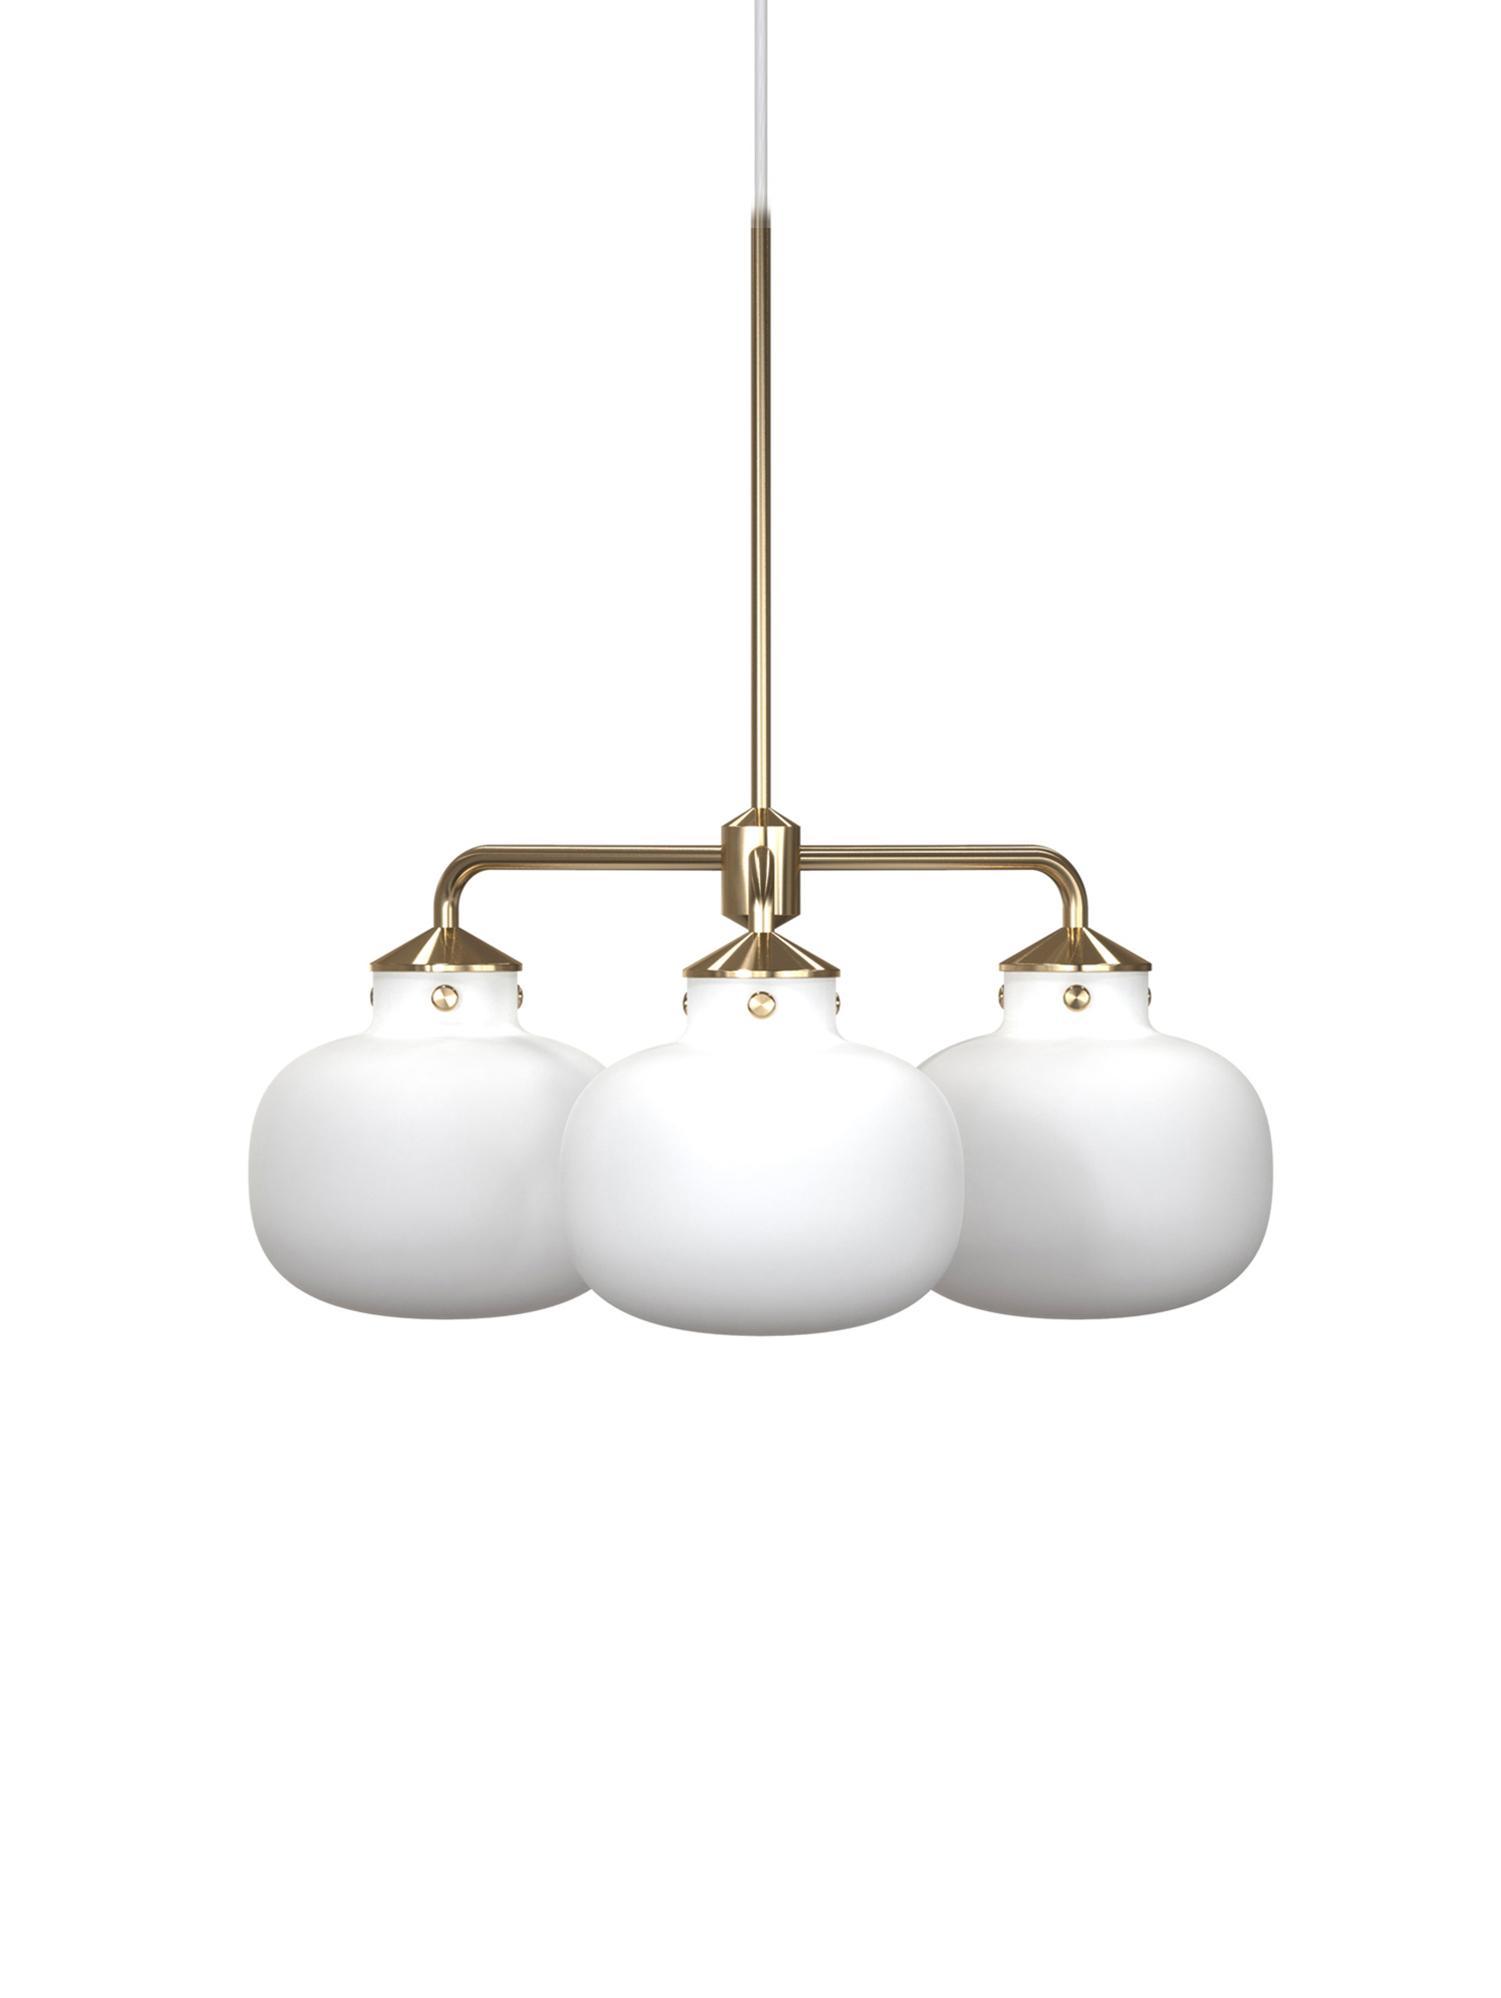 Lampada a sospensione Raito, Vetro opale, metallo, Bianco opalino, ottone, Ø 57 x Alt. 55 cm